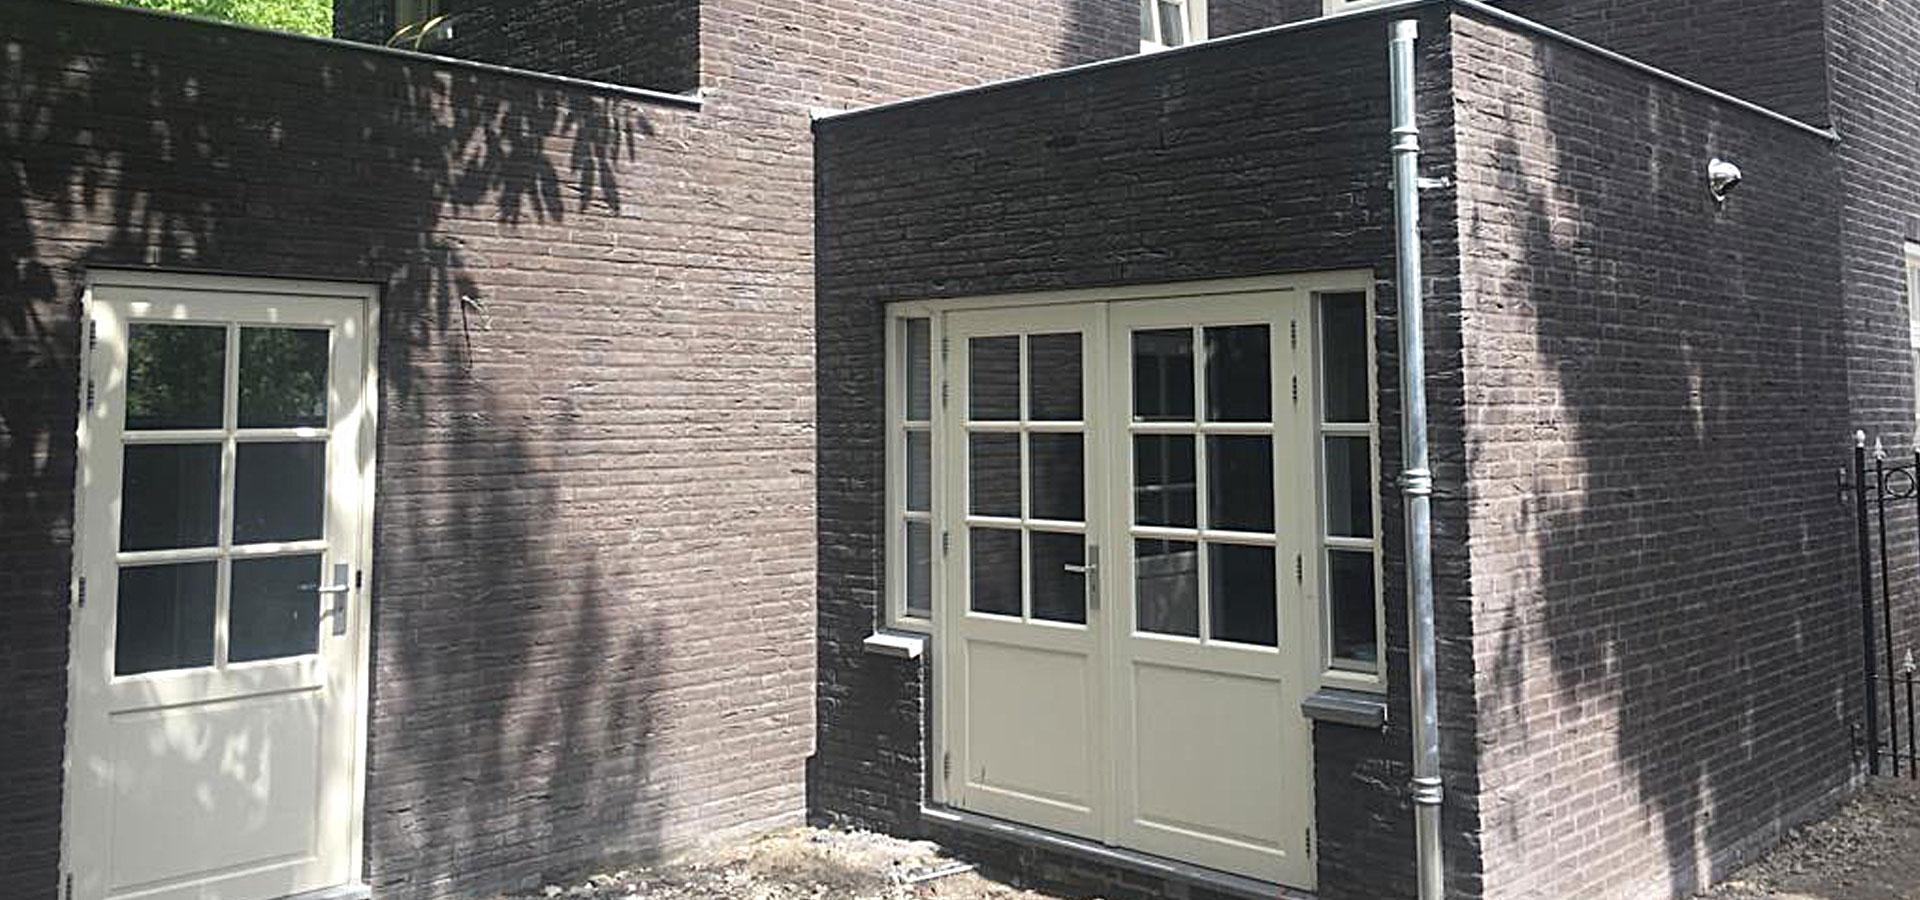 verbouwing_wehrenbouw001-1-1